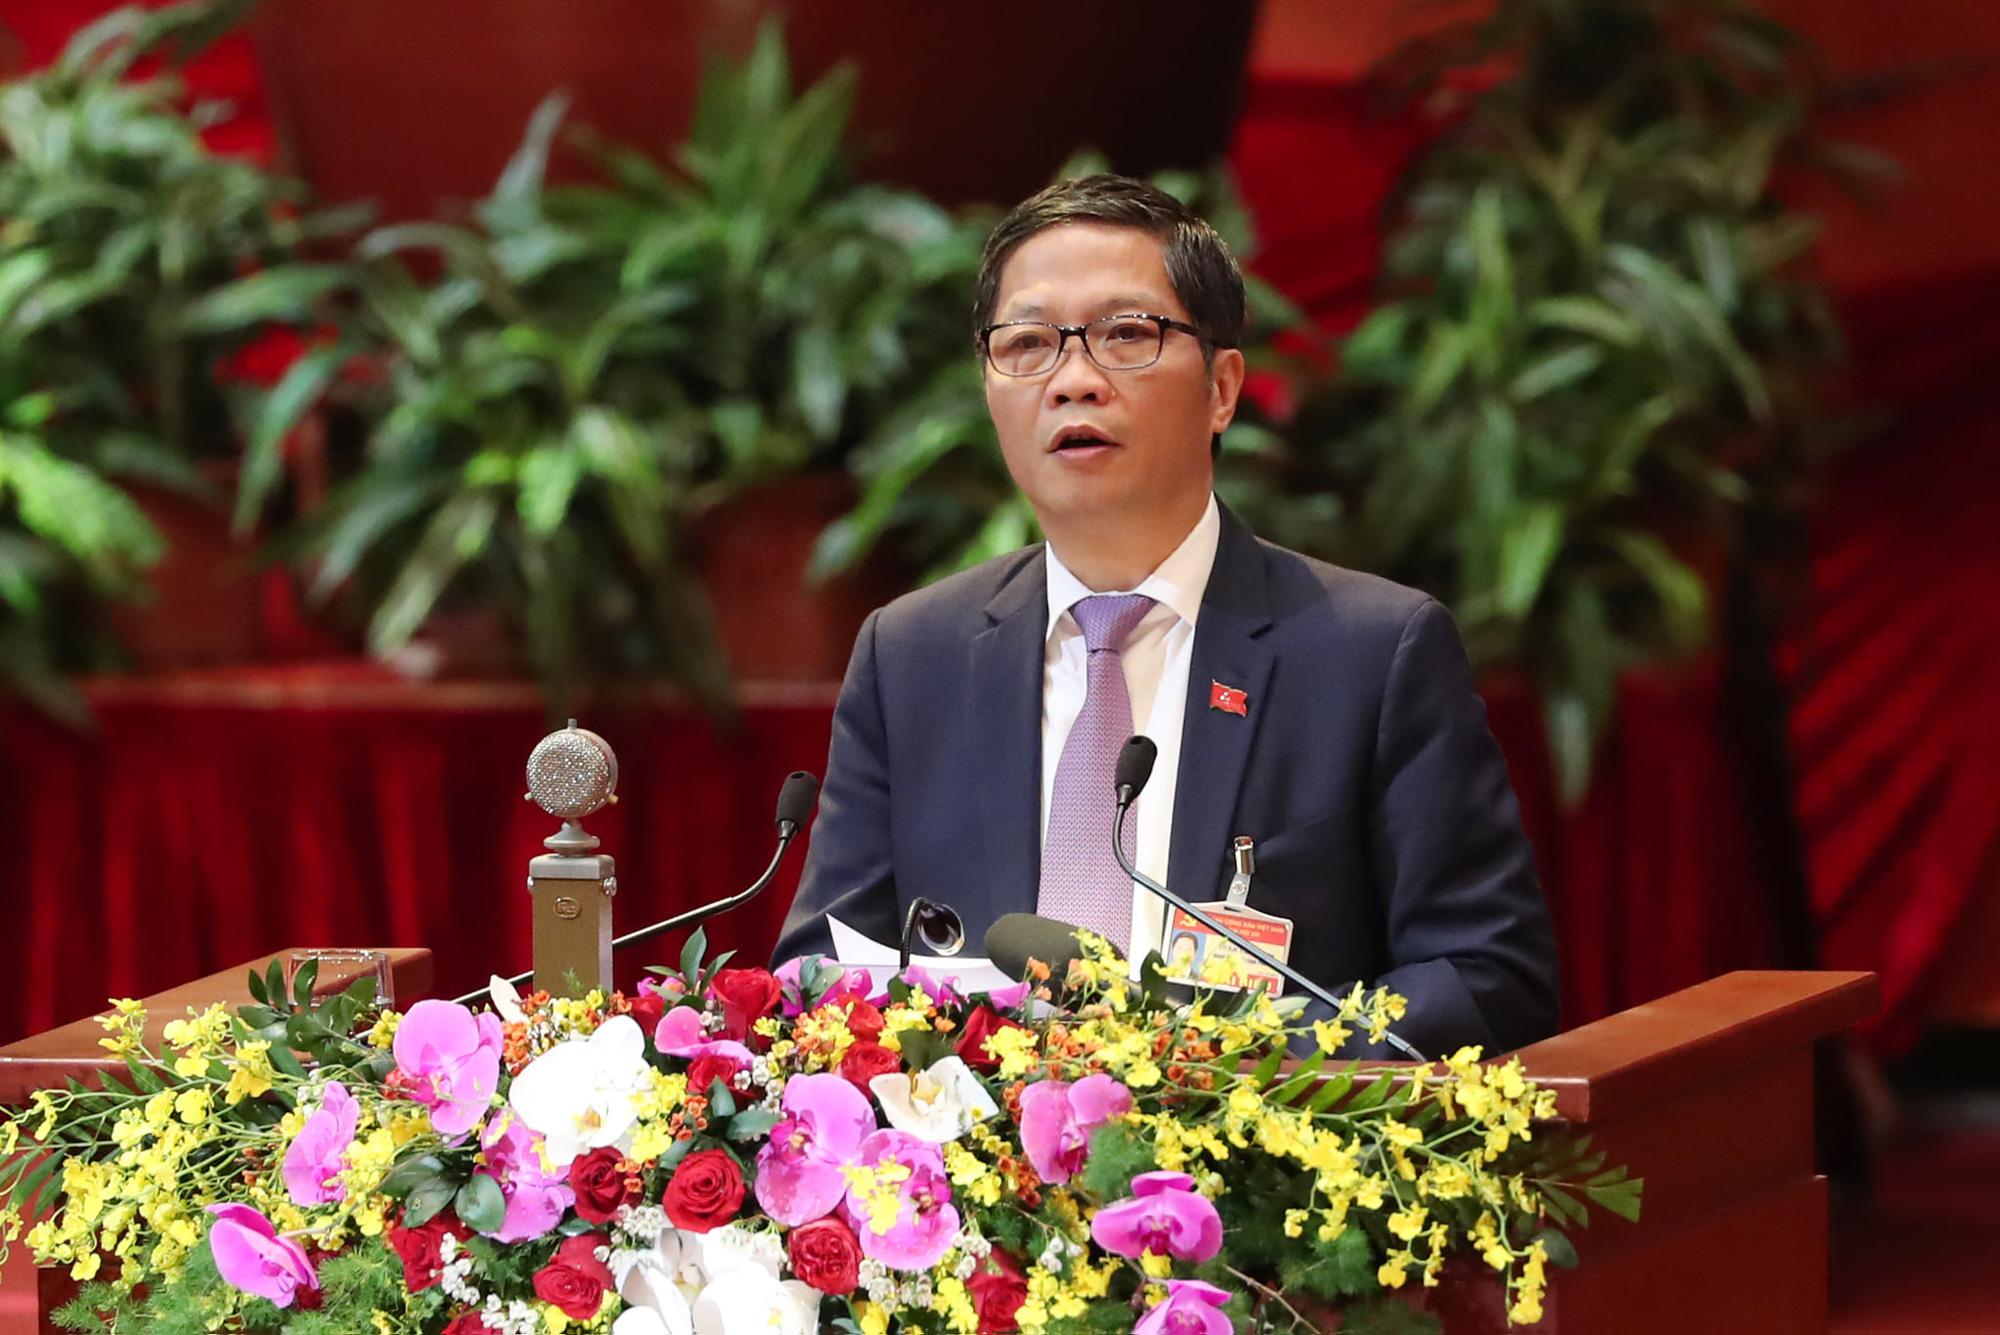 Bộ trưởng Trần Tuấn Anh: Chúng tôi băn khoăn cơ chế để địa phương chủ động nguồn cung thiết bị y tế - Ảnh 1.